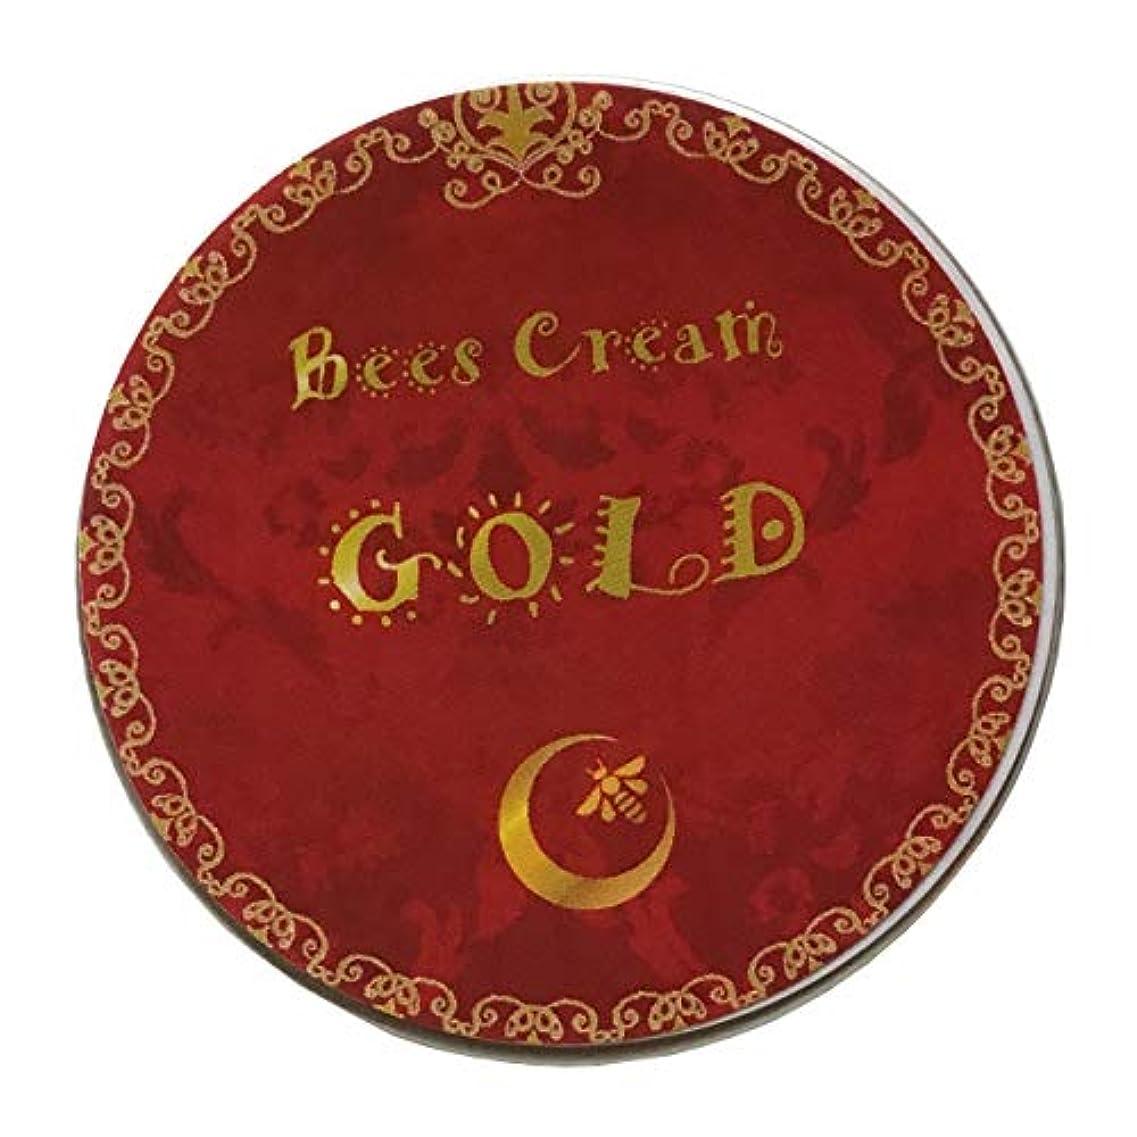 通信するトライアスロン排気エムビイエム ビーズクリーム 20g (ゴールド)